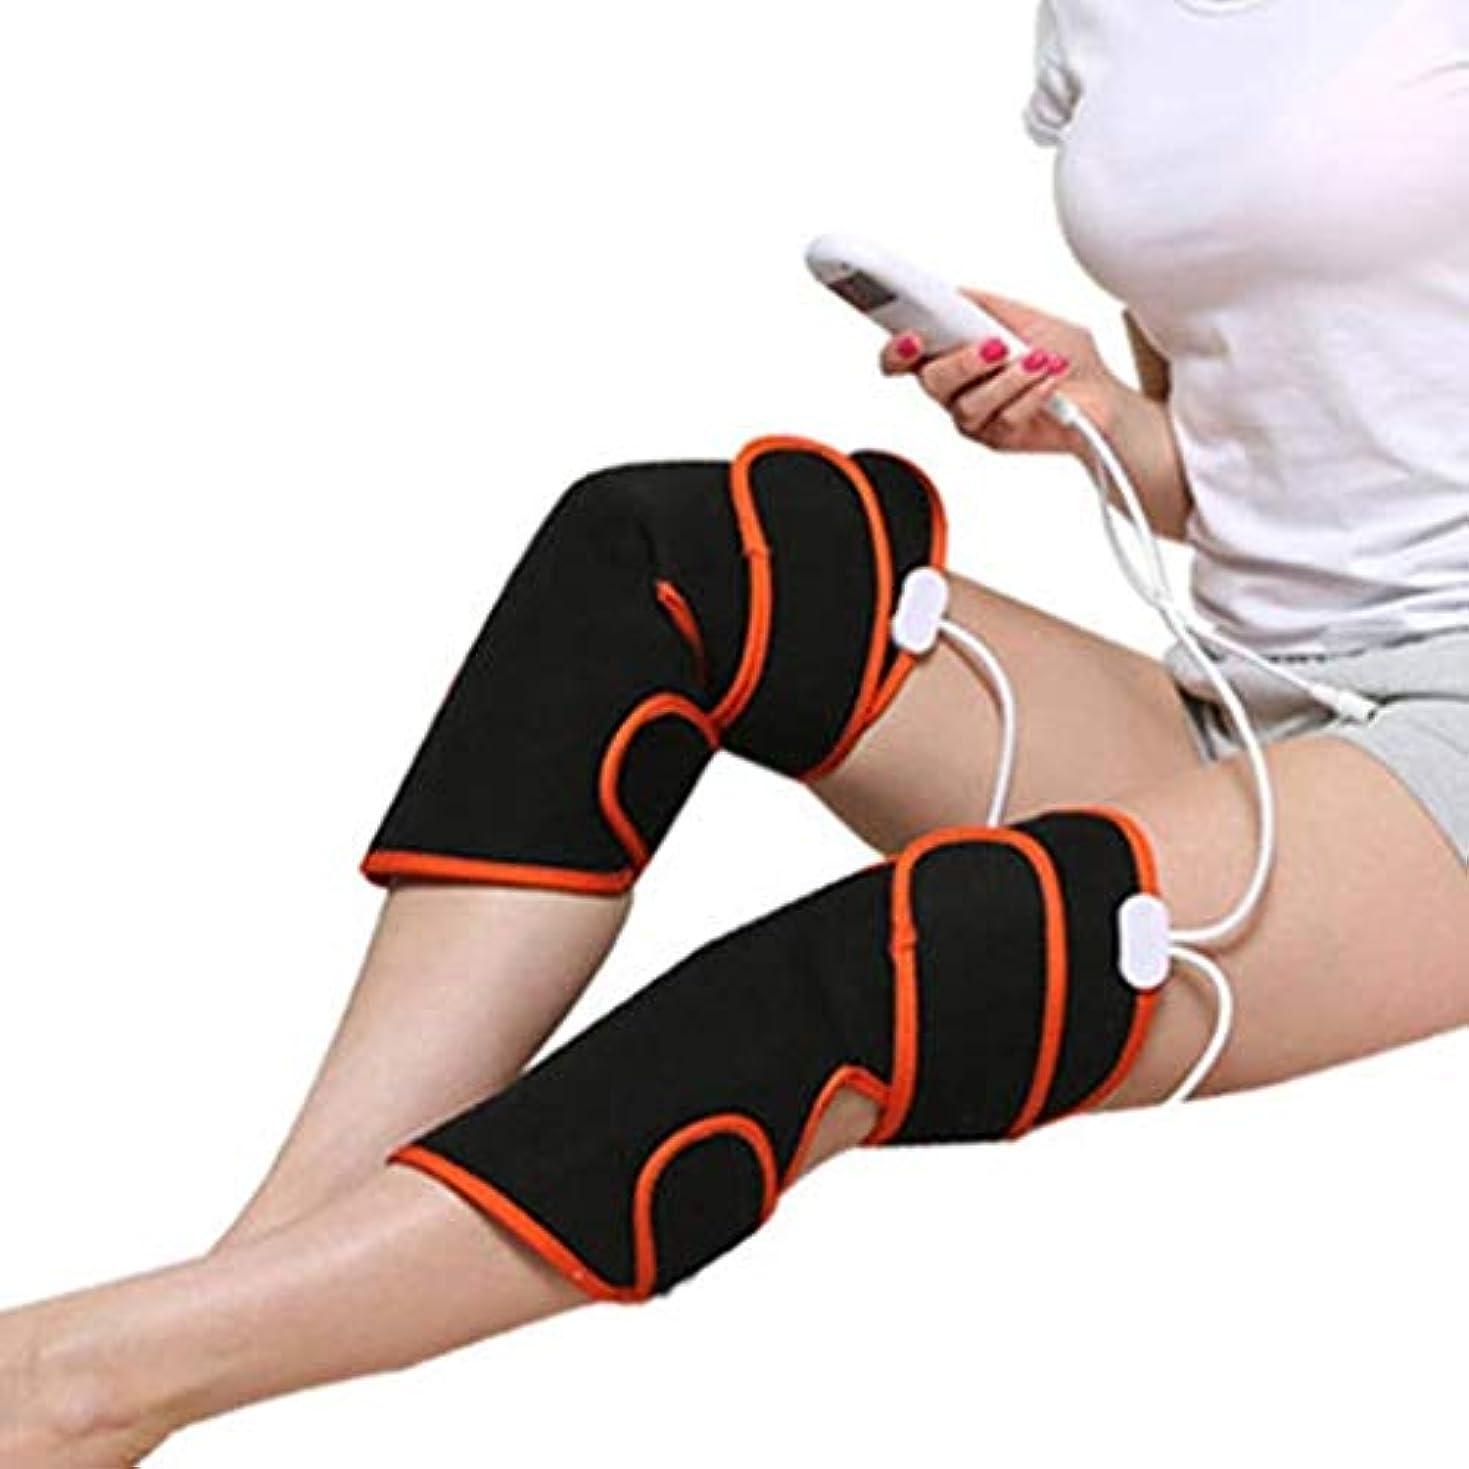 お酒法律により建てる暖房付き膝マッサージャー、電動バイブレーションマッサージャー、膝マッサージャーを定期的に加熱できます、筋肉の痛みを緩和するモード、9モード、冷たい脚、骨過形成患者、術後リハビリ